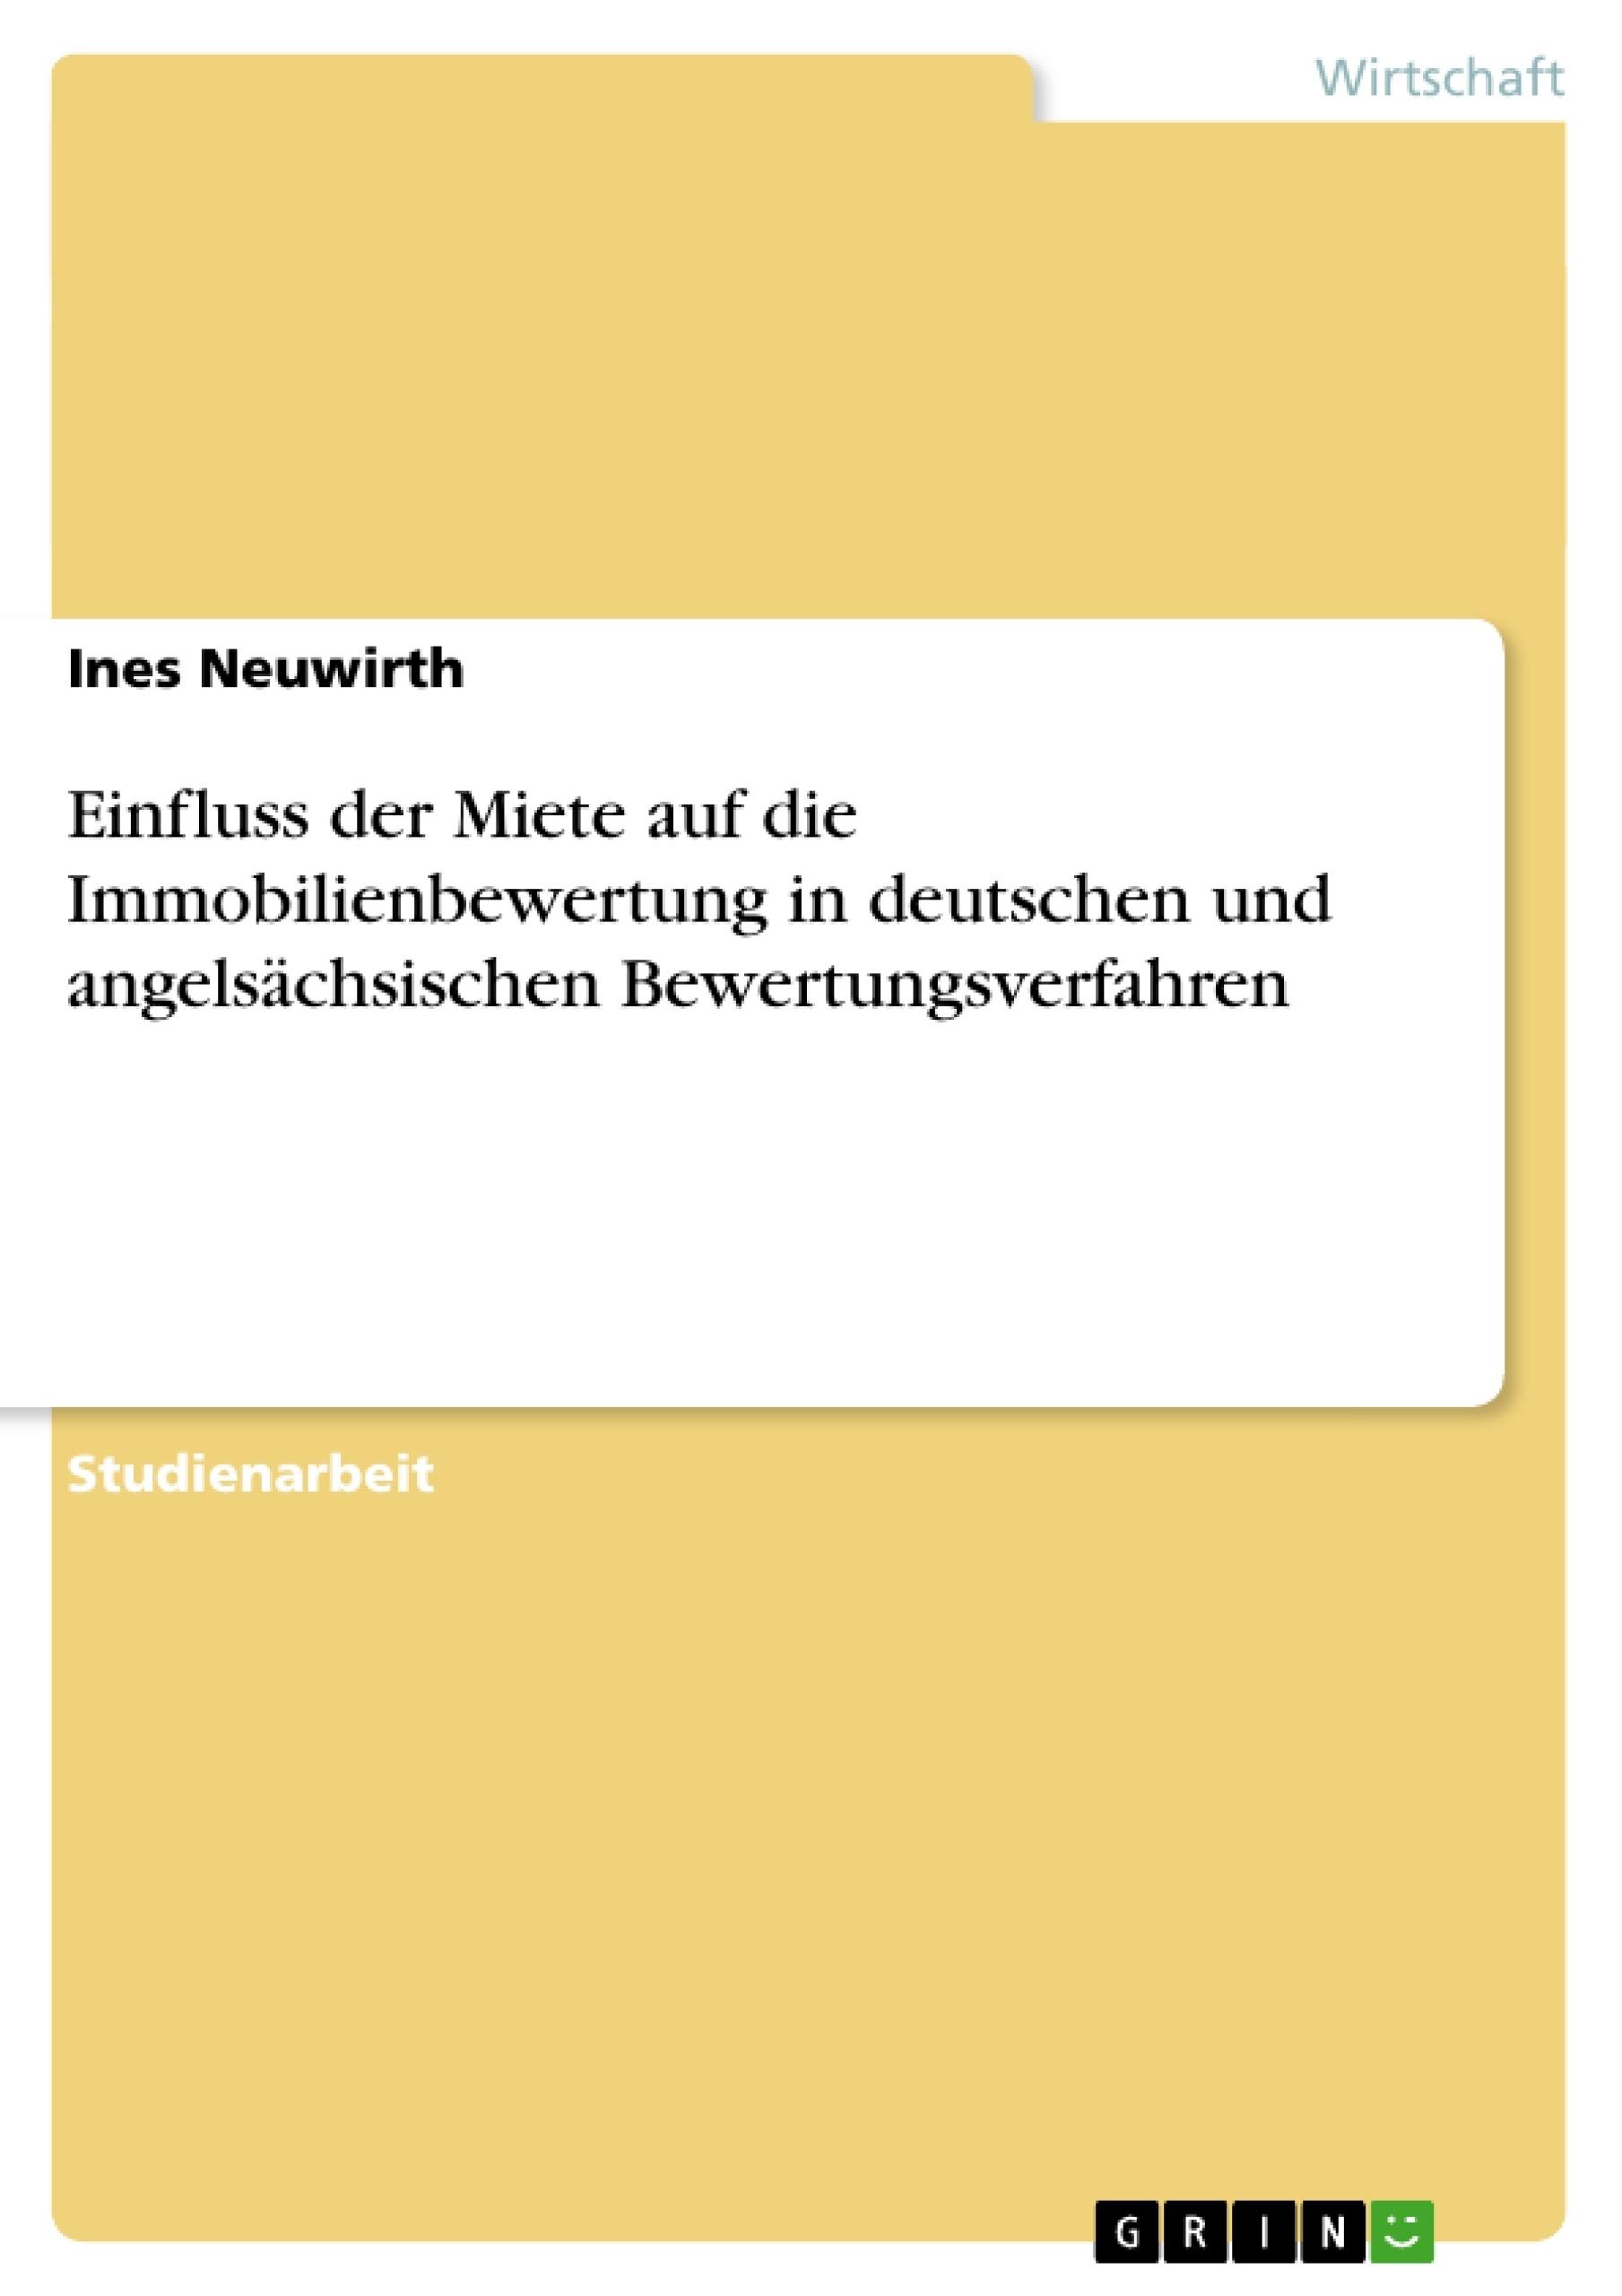 Titel: Einfluss der Miete auf die Immobilienbewertung in deutschen und angelsächsischen Bewertungsverfahren